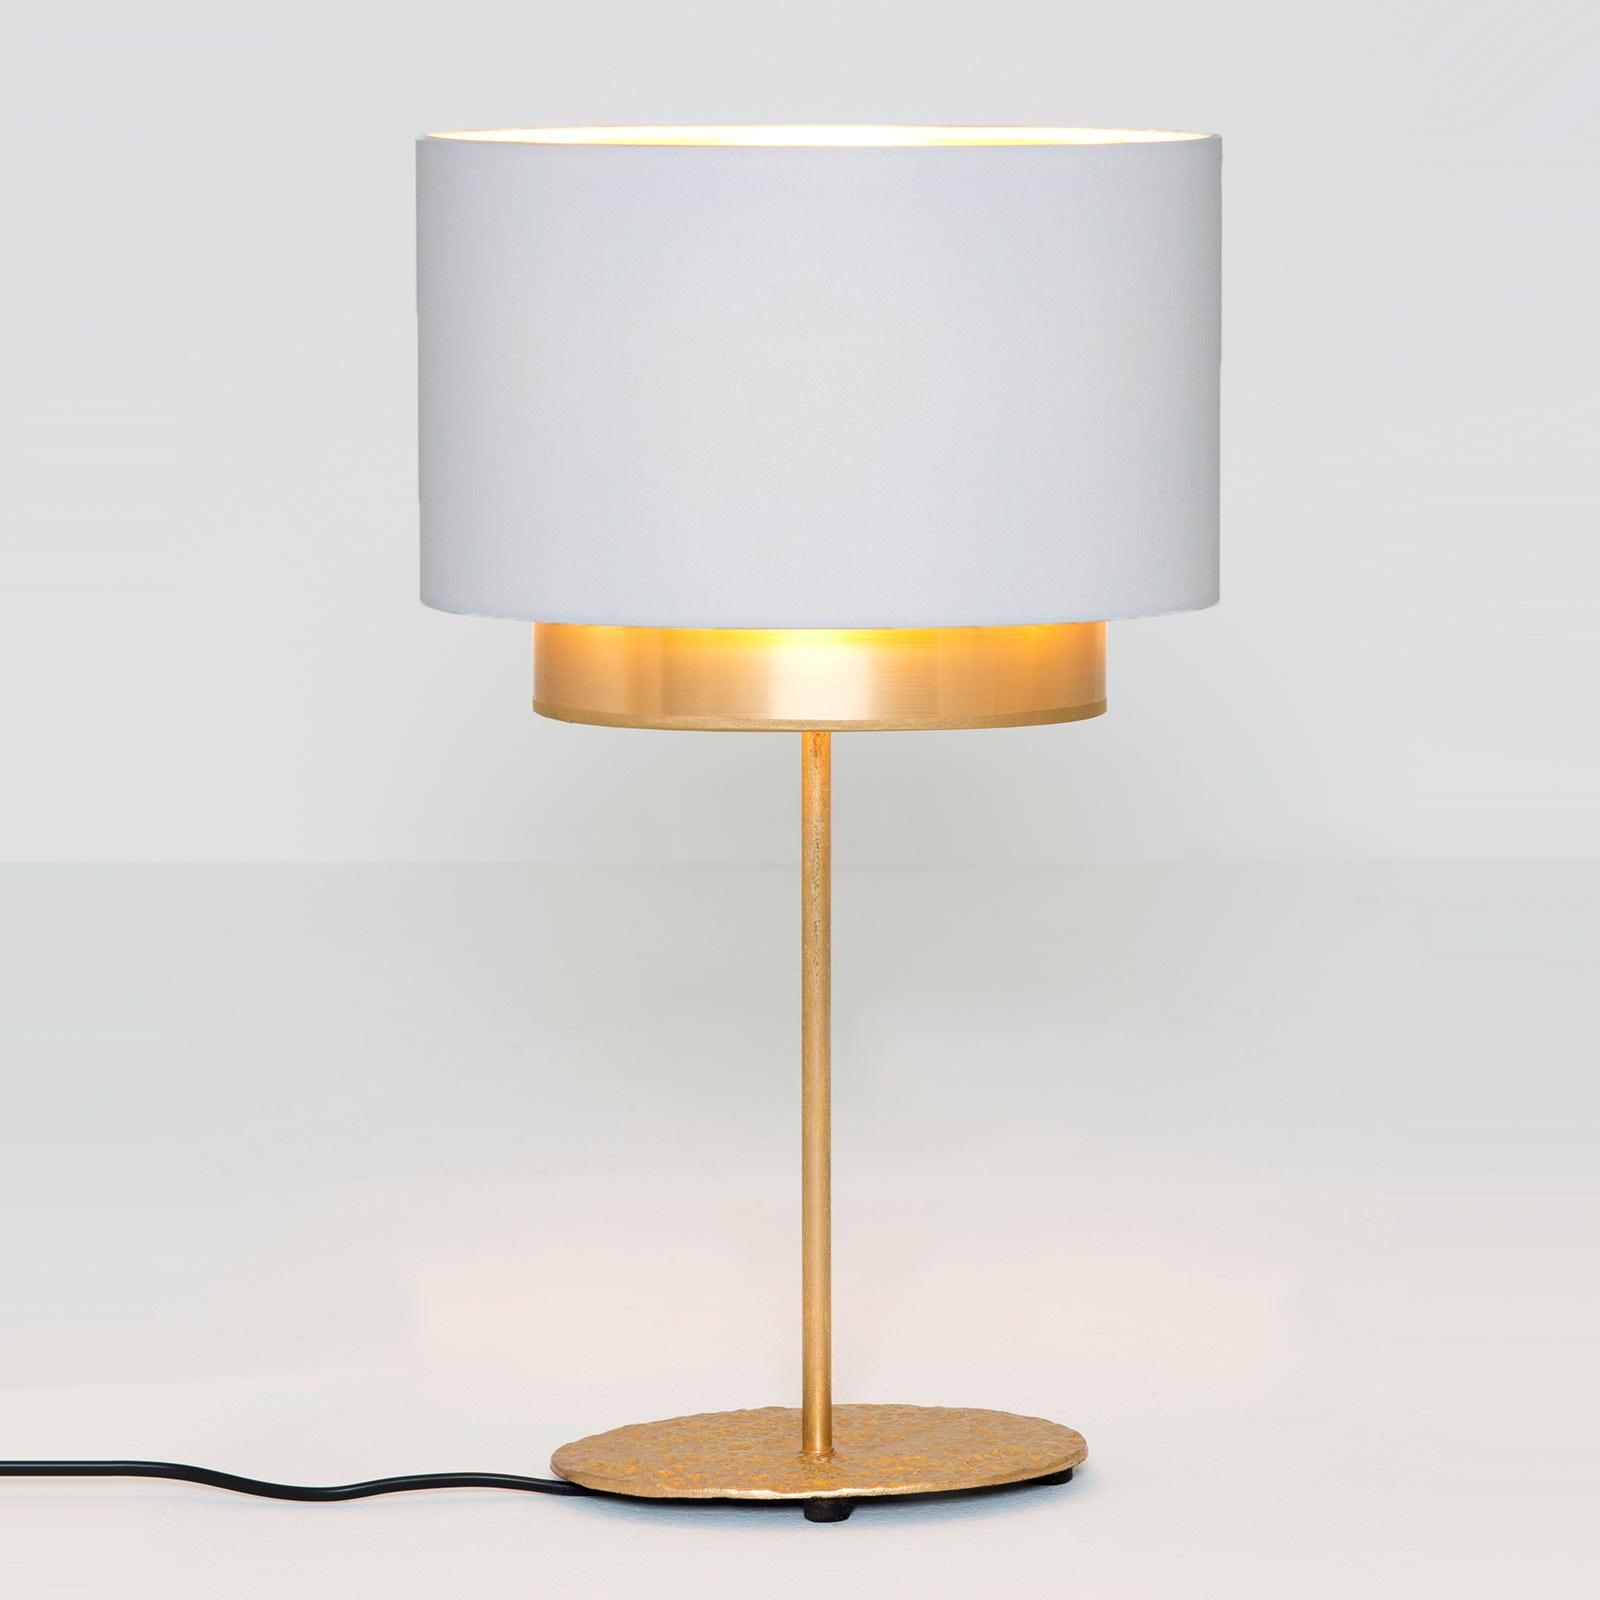 Tafellamp Mattia, ovaal, dubbel, wit/goud